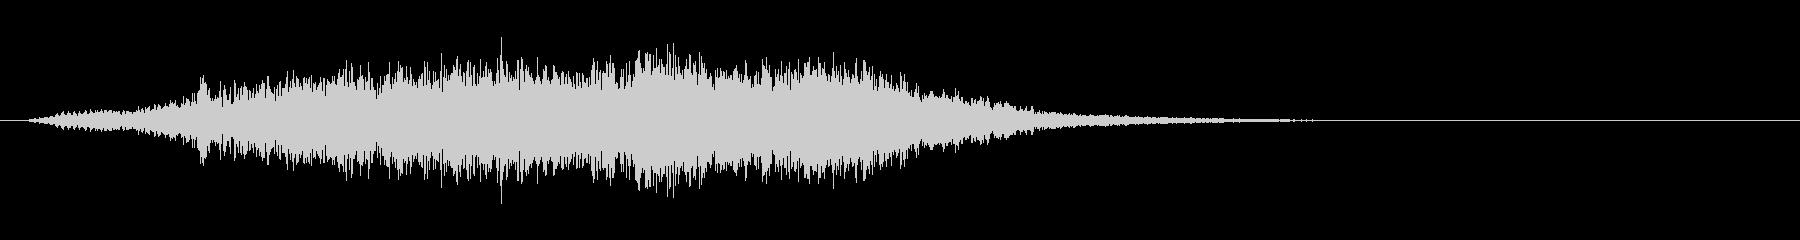 上品なストリングスサウンドロゴの未再生の波形